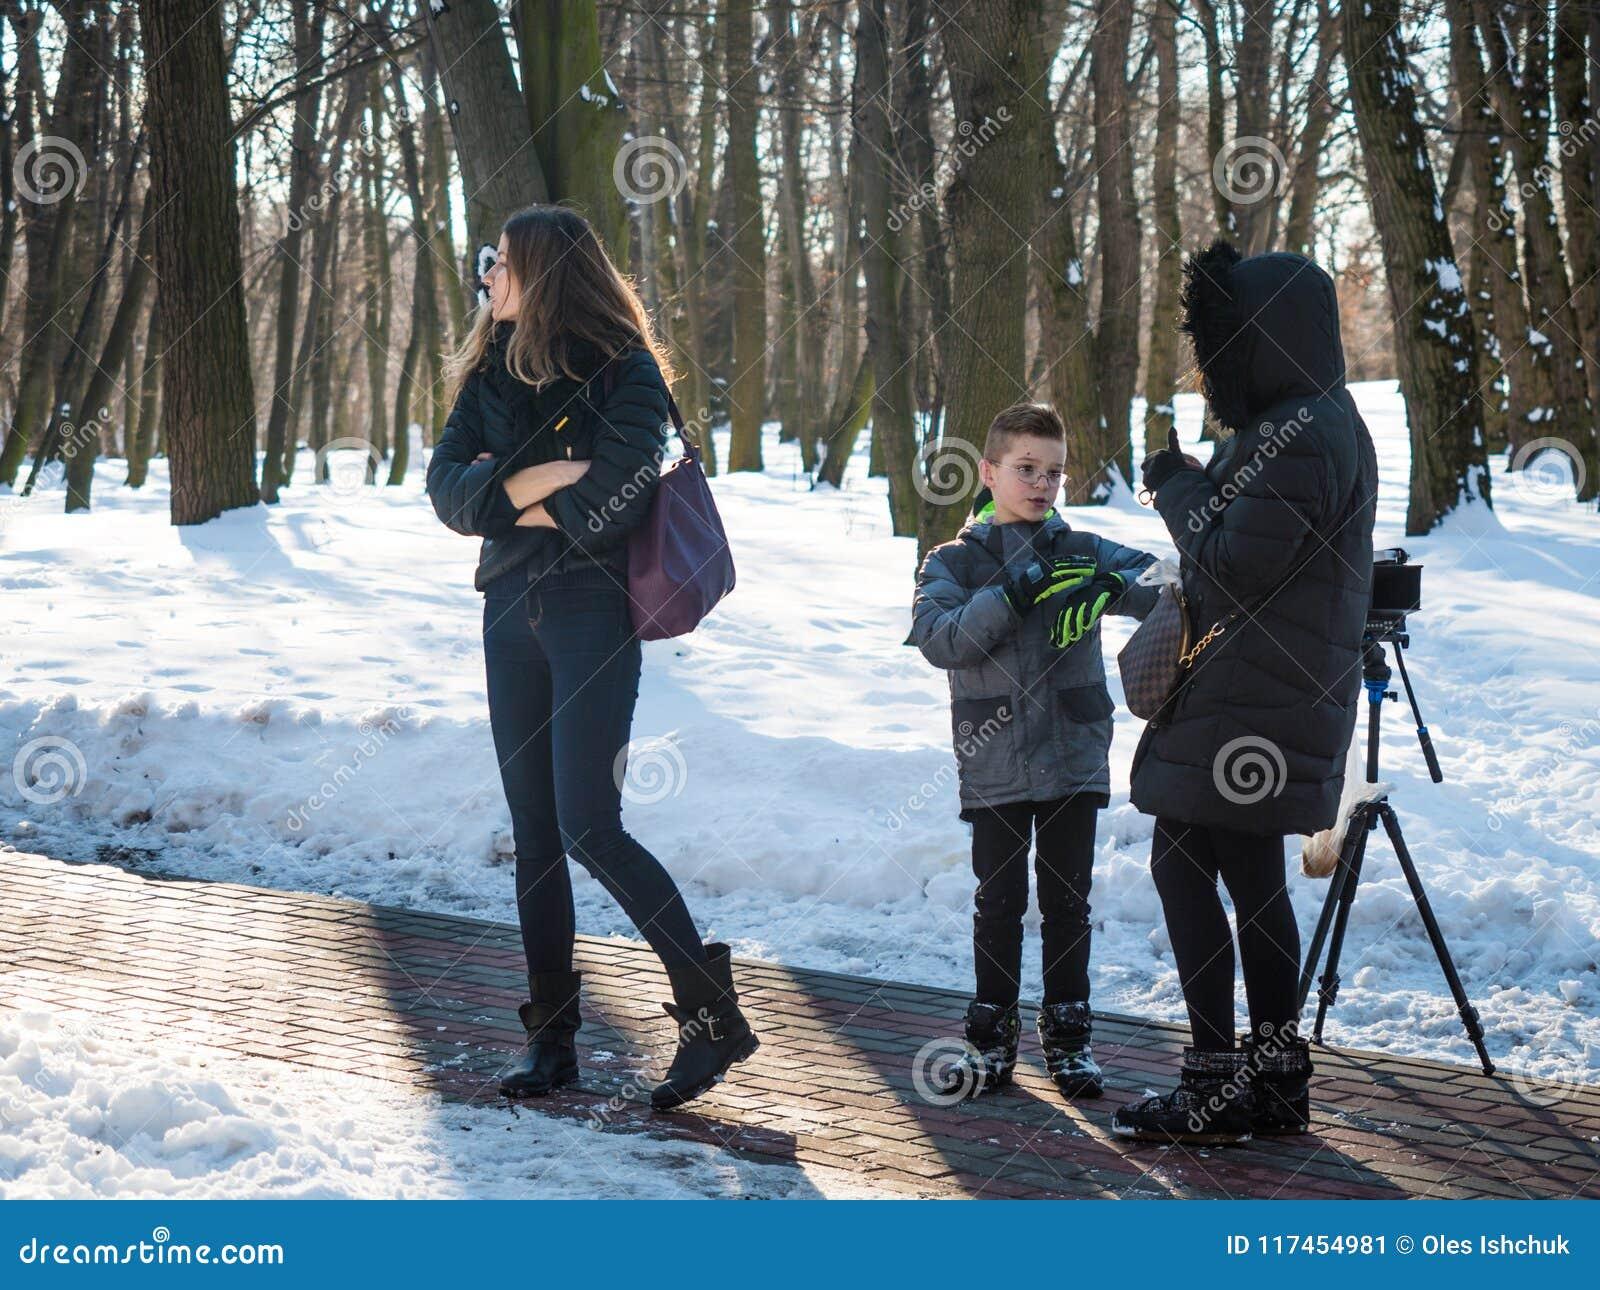 Conversa adorável do modelo do menino com o produtor no parque do inverno, de bastidores